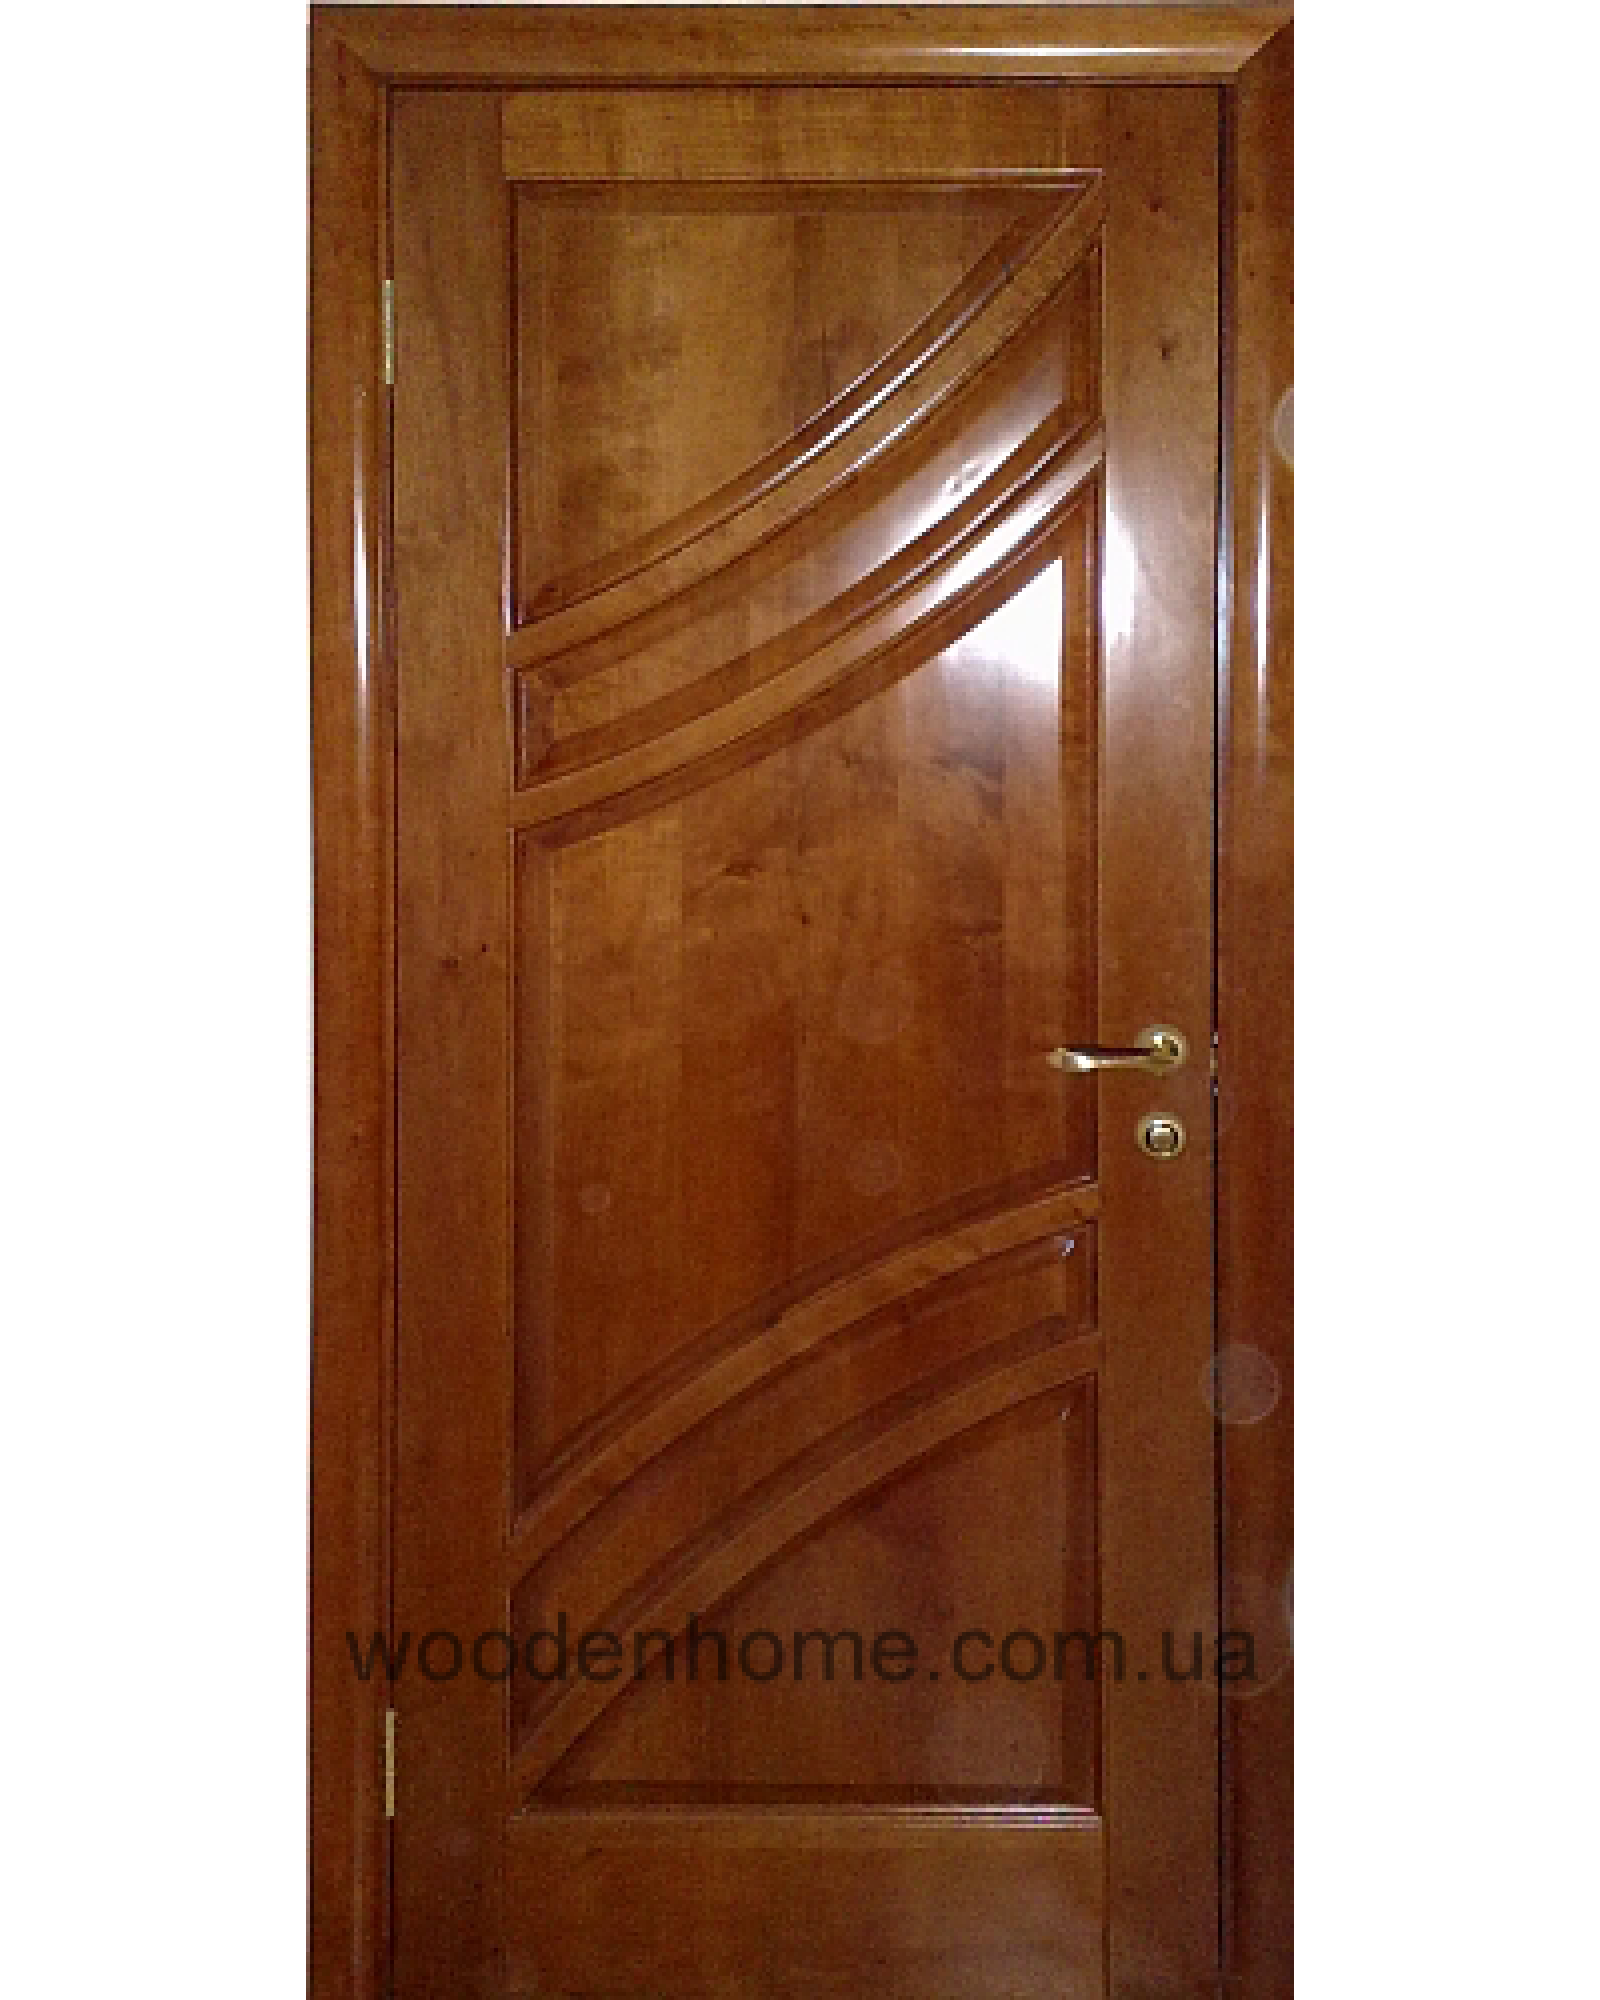 Двери из ольхи модель 23.00 Екзотика